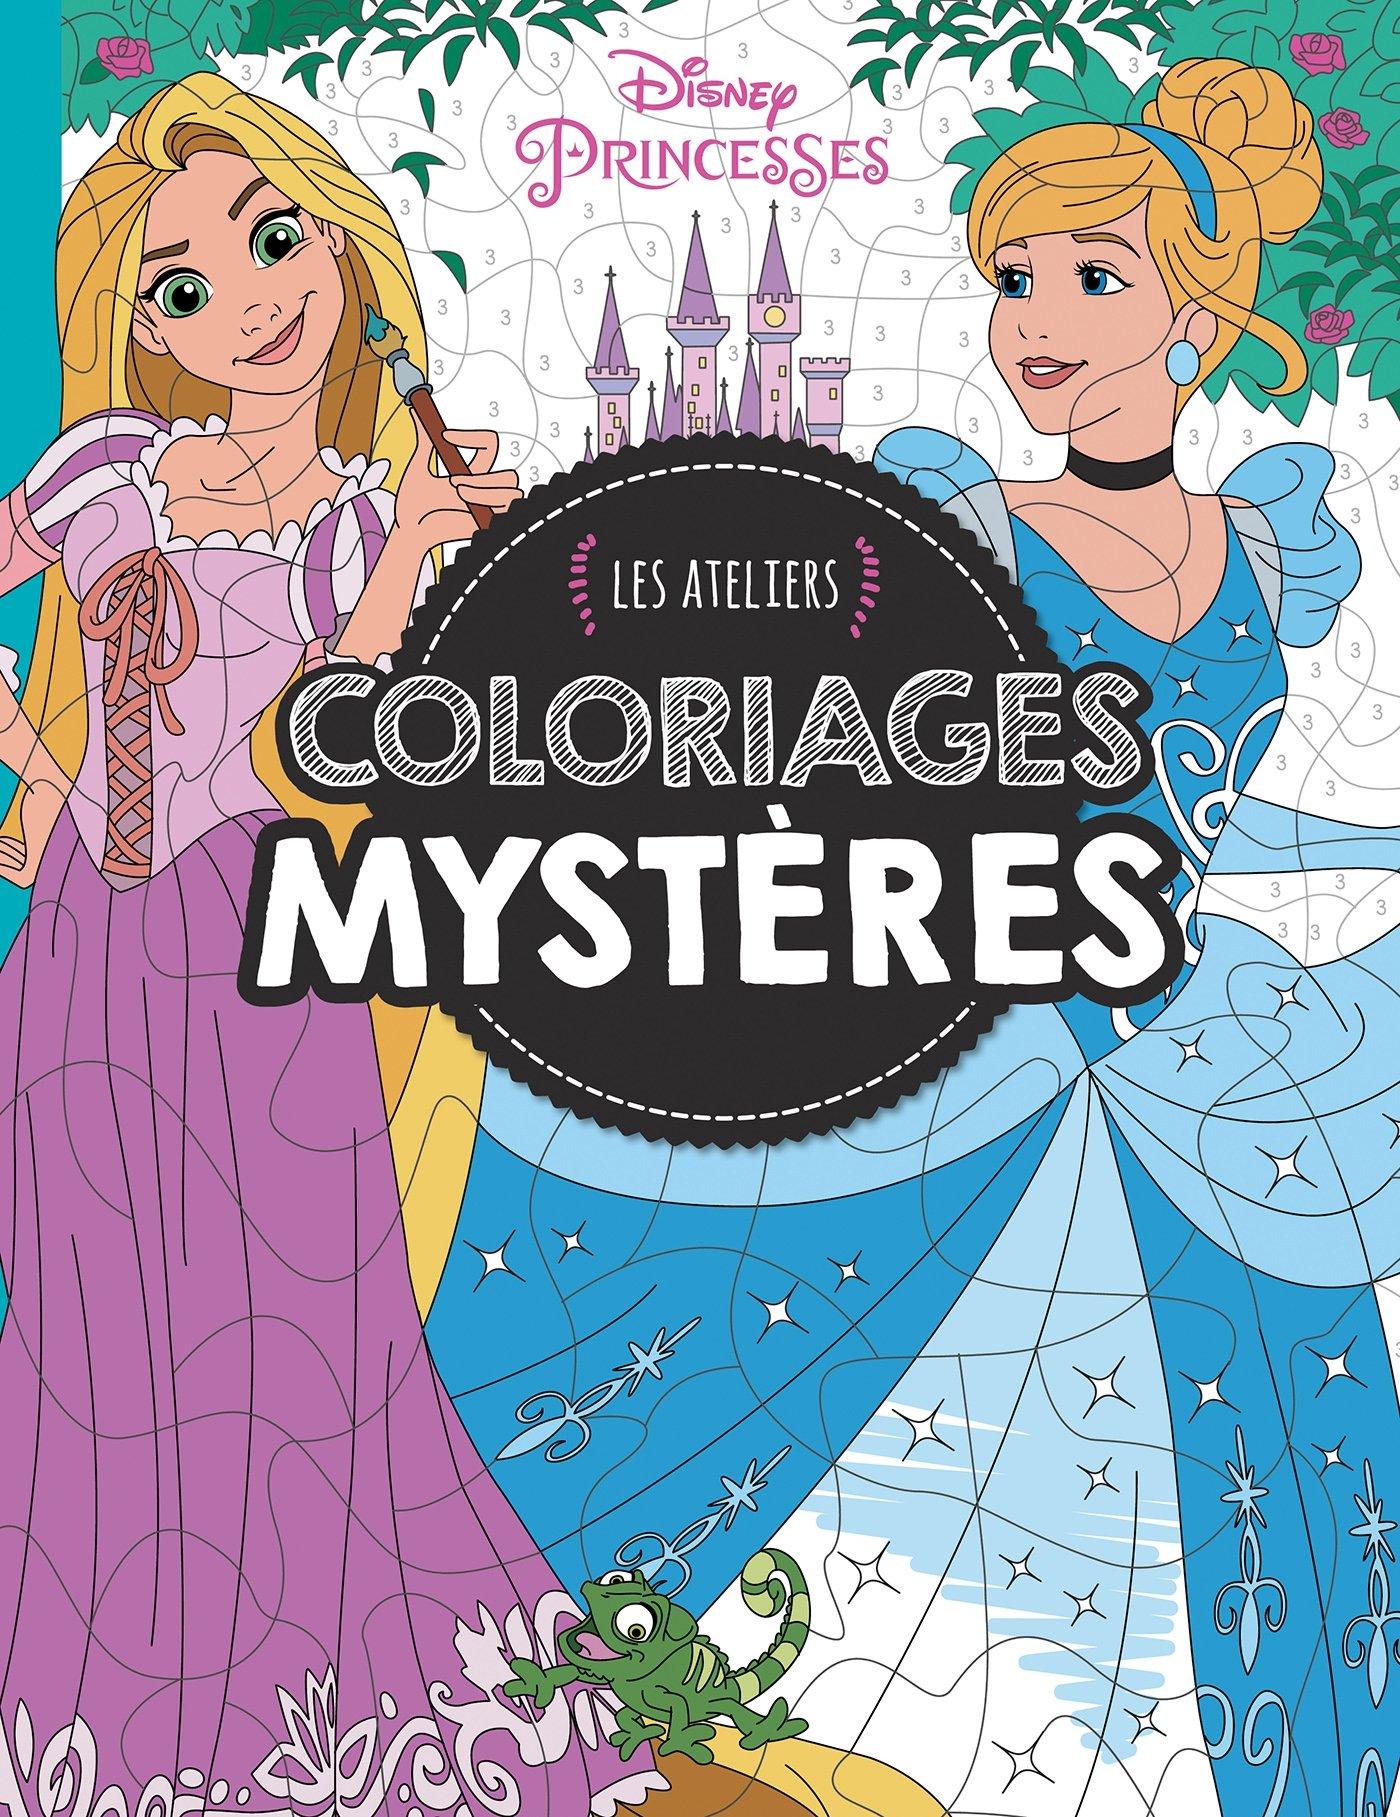 Disney princesses : les ateliers coloriages mystères